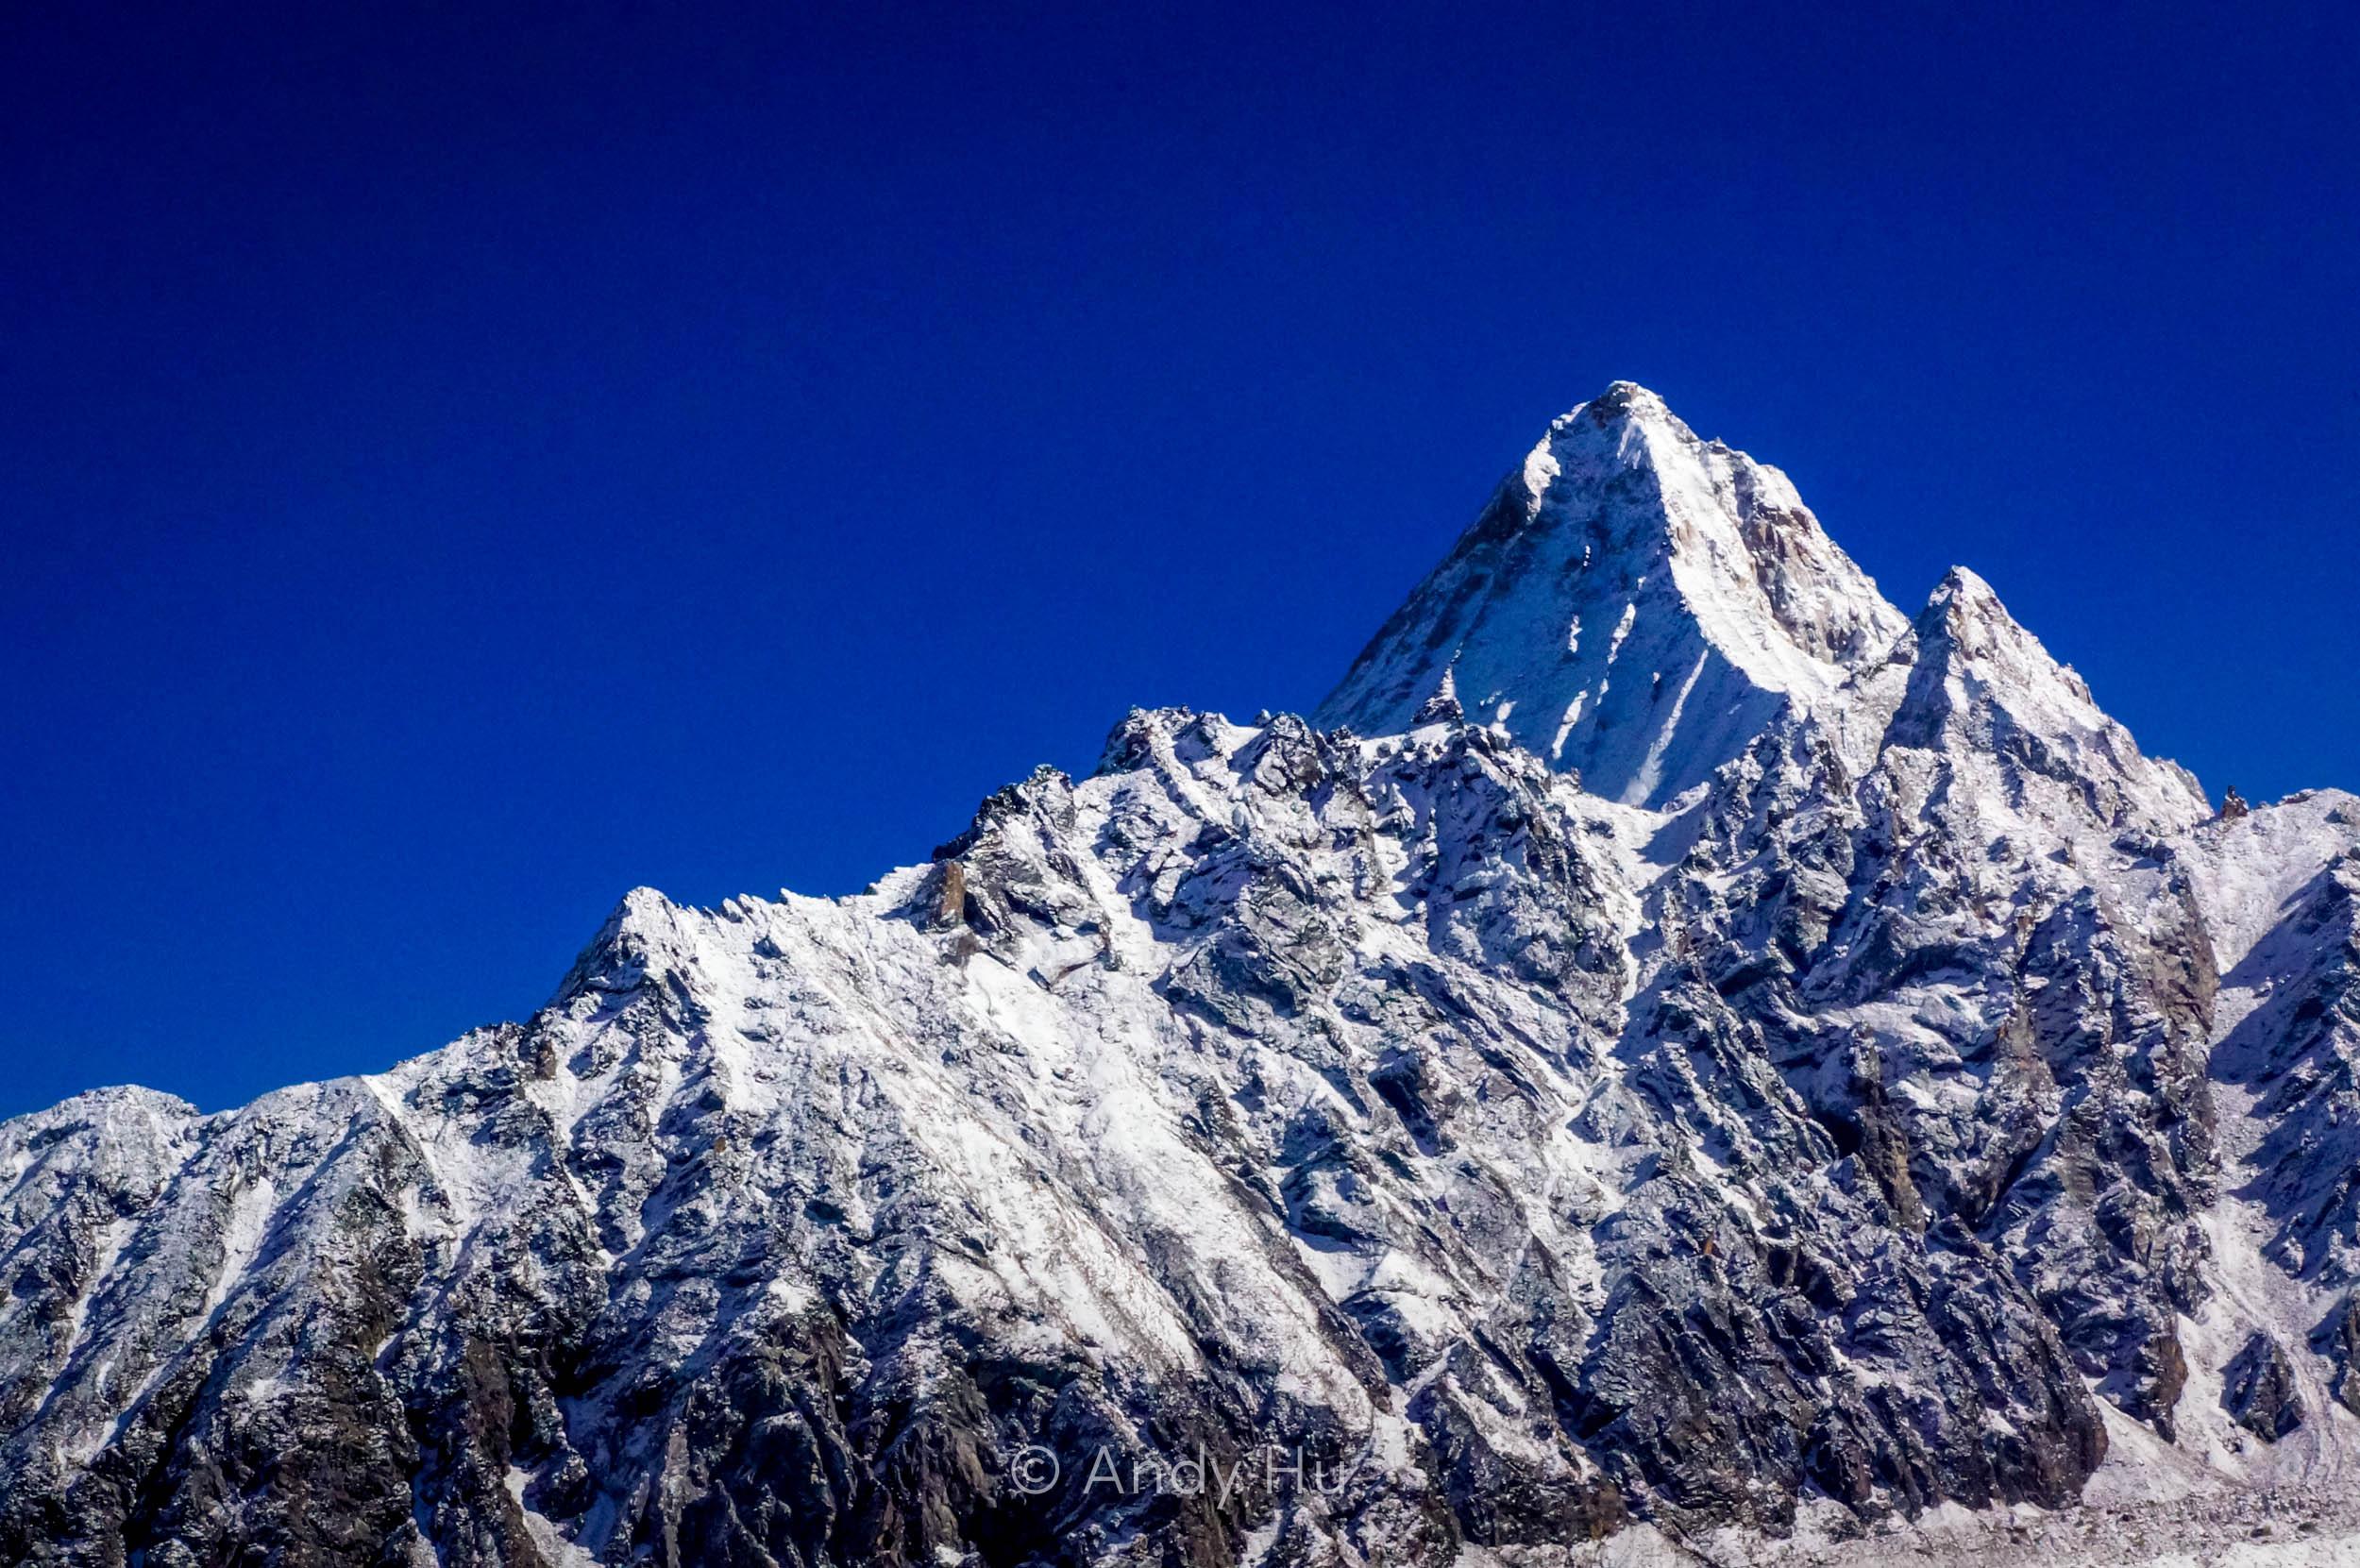 Snow capped peak, Mt. Gongga Trek